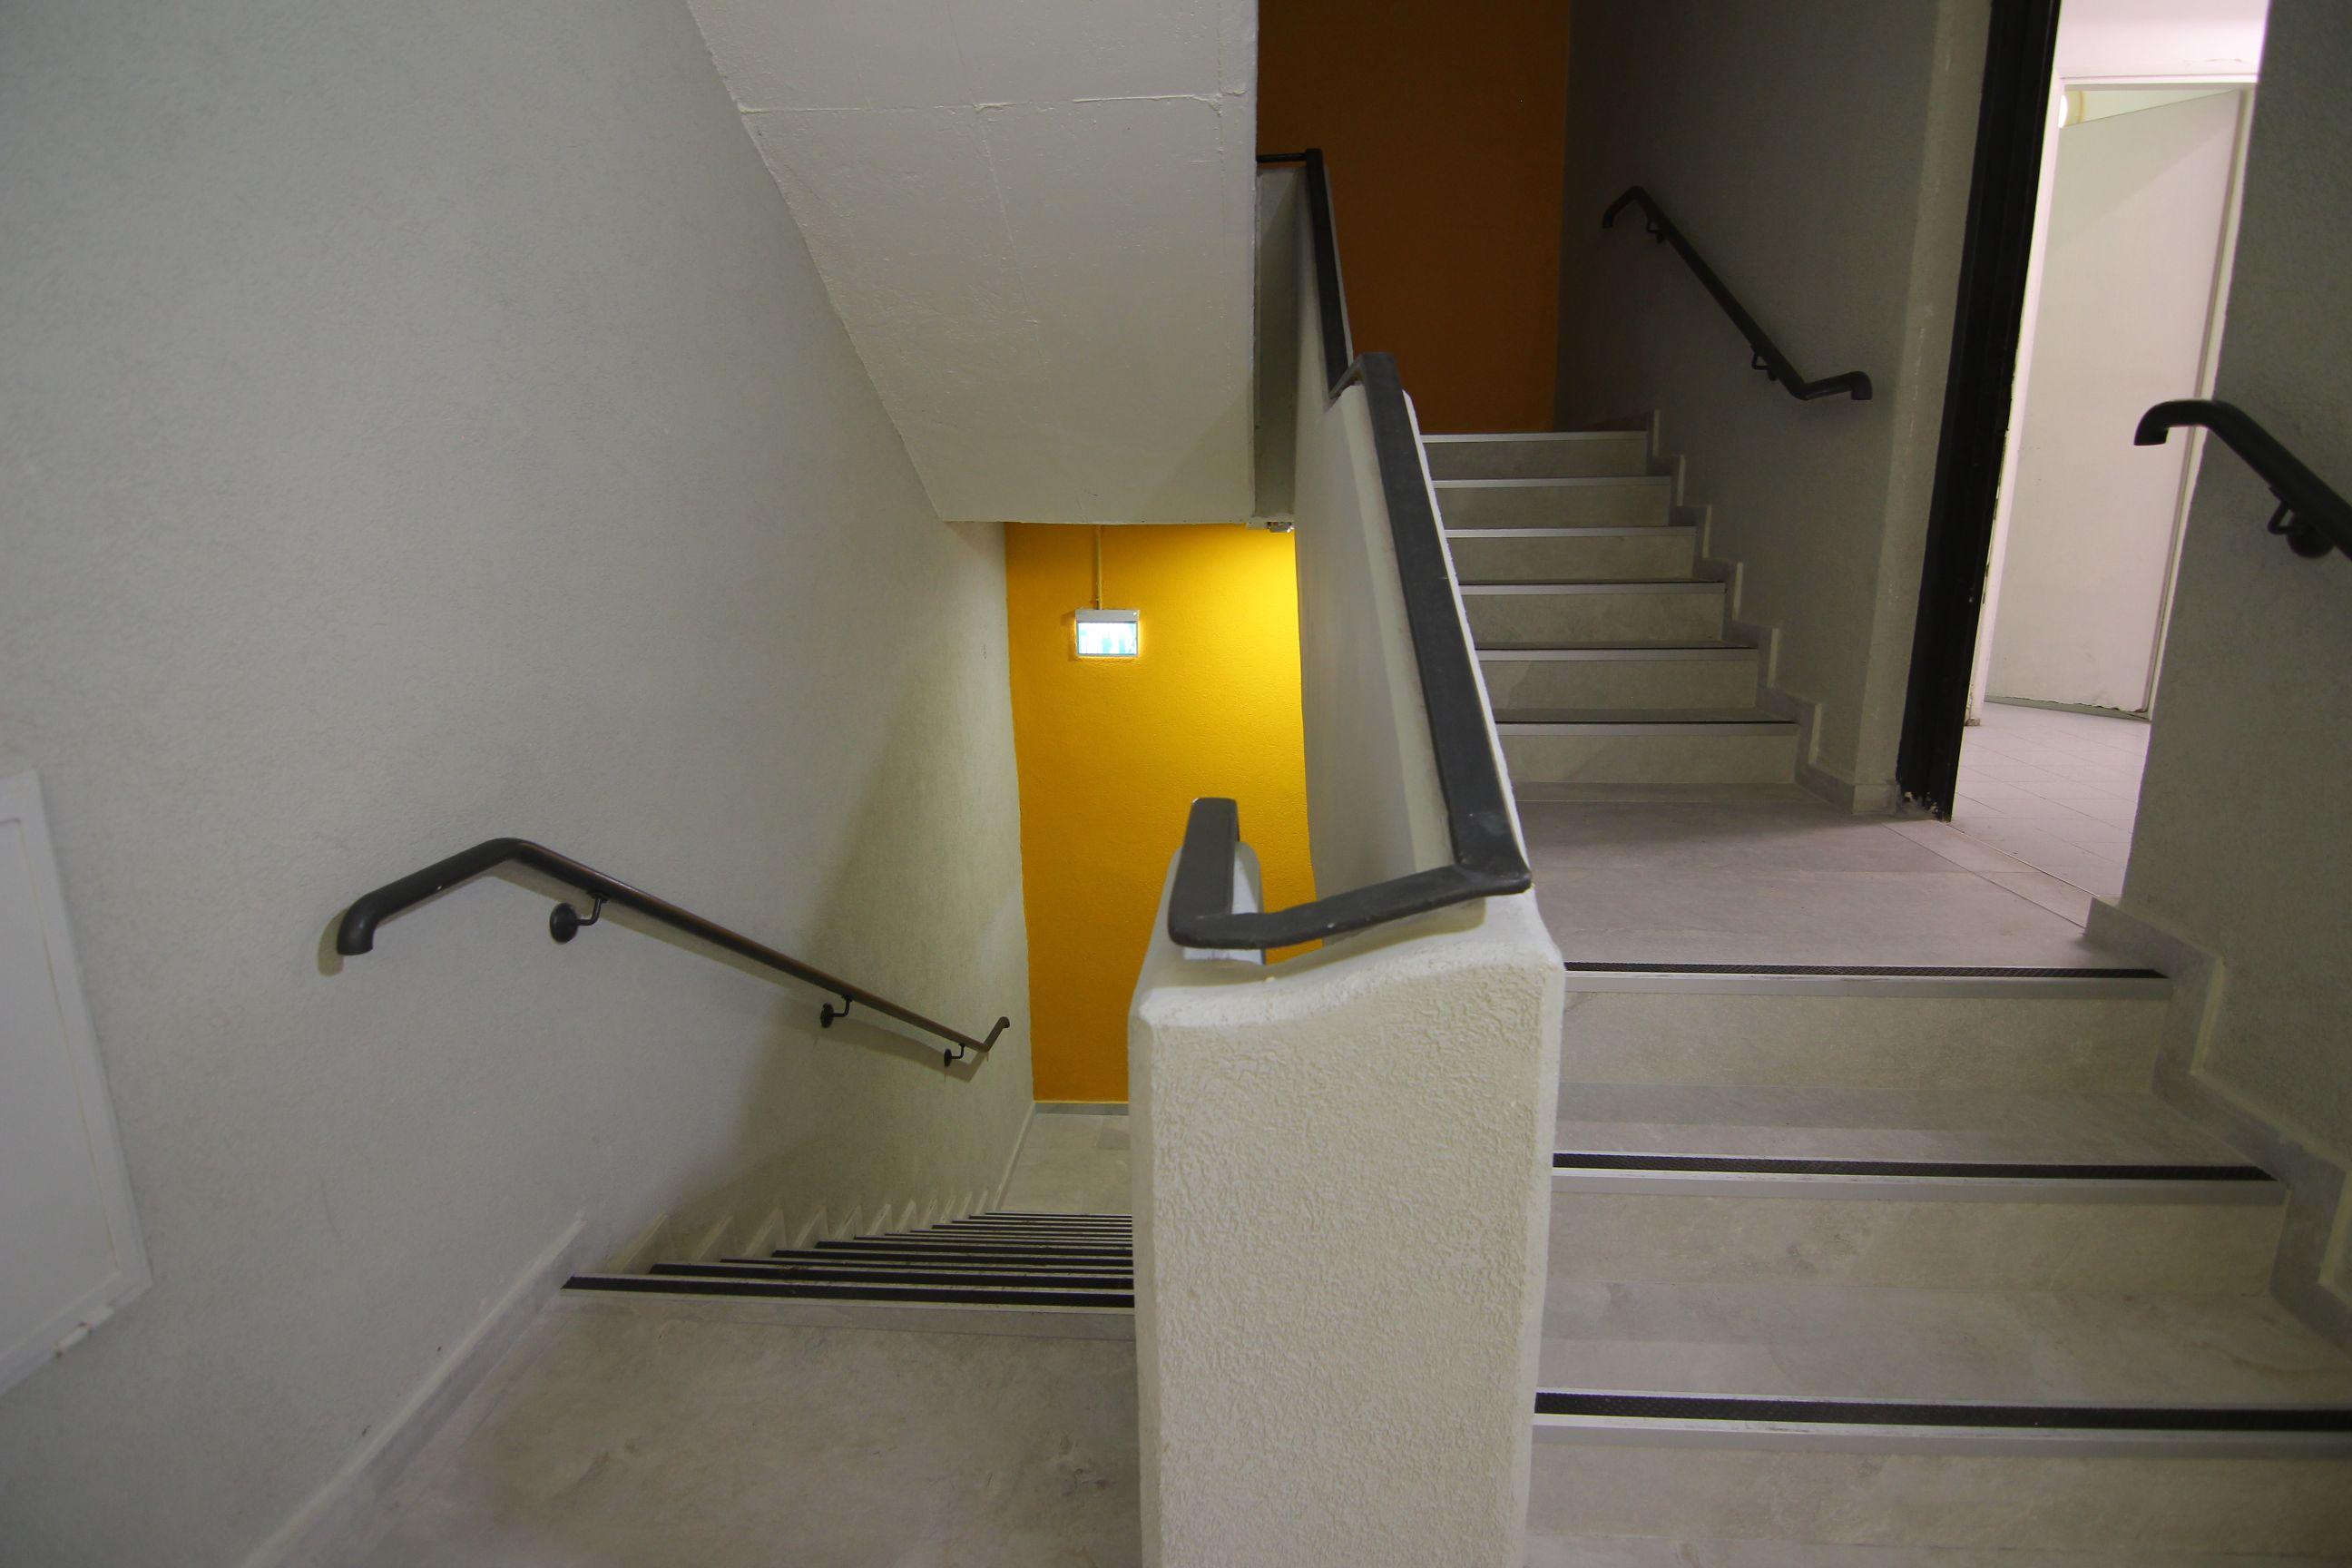 עיצוב פנים מדרגות | אדריכלות לחדר מדרגות - חדר מדרגות במשרדים